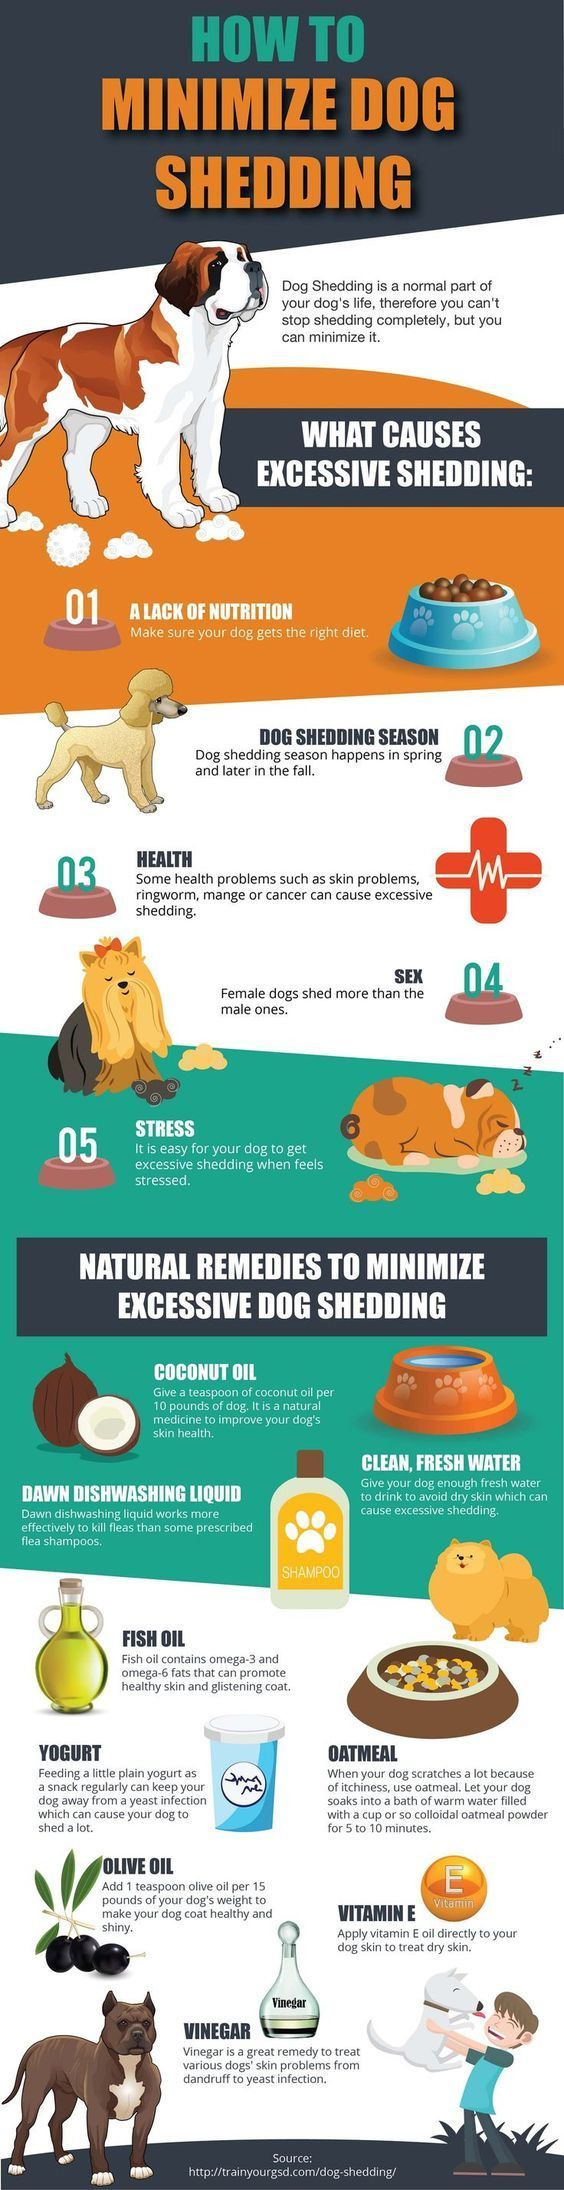 9 Ways To Reduce Dog Shedding - Infographic // KaufmannsPuppyTraining.com // Kaufmann's Puppy Training // dog training // dog love // puppy love //